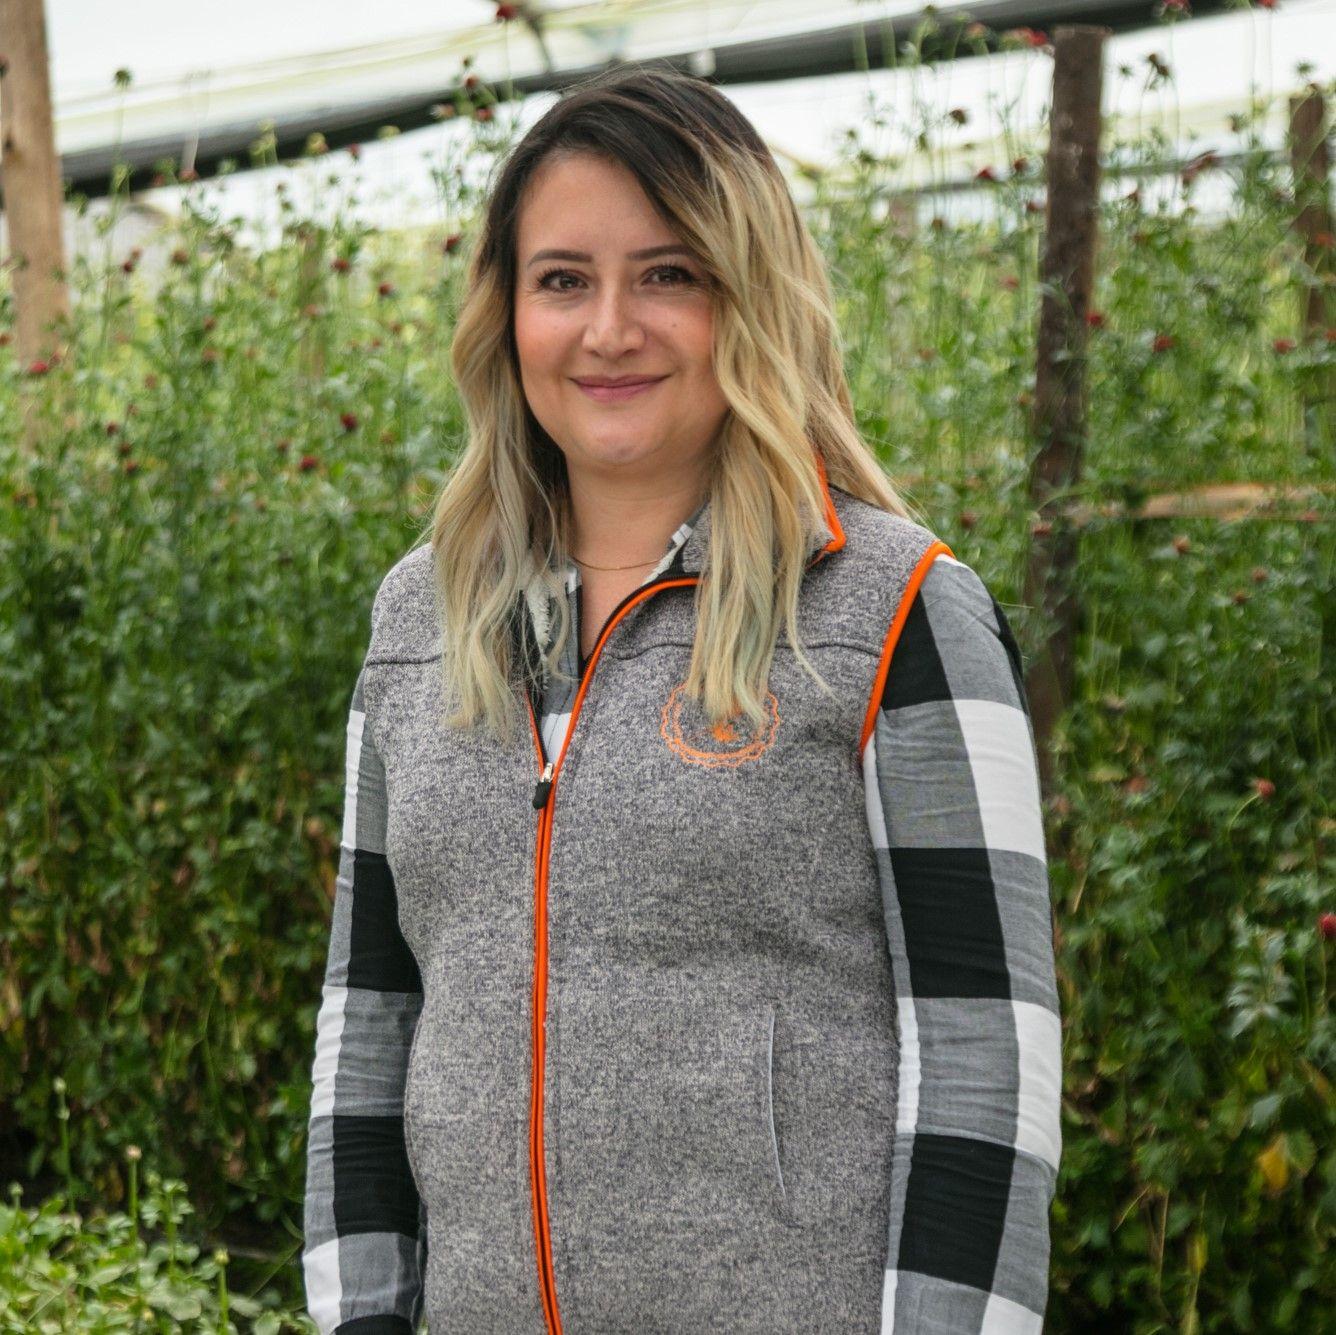 Nataly Yepez - The Chaupi Farm